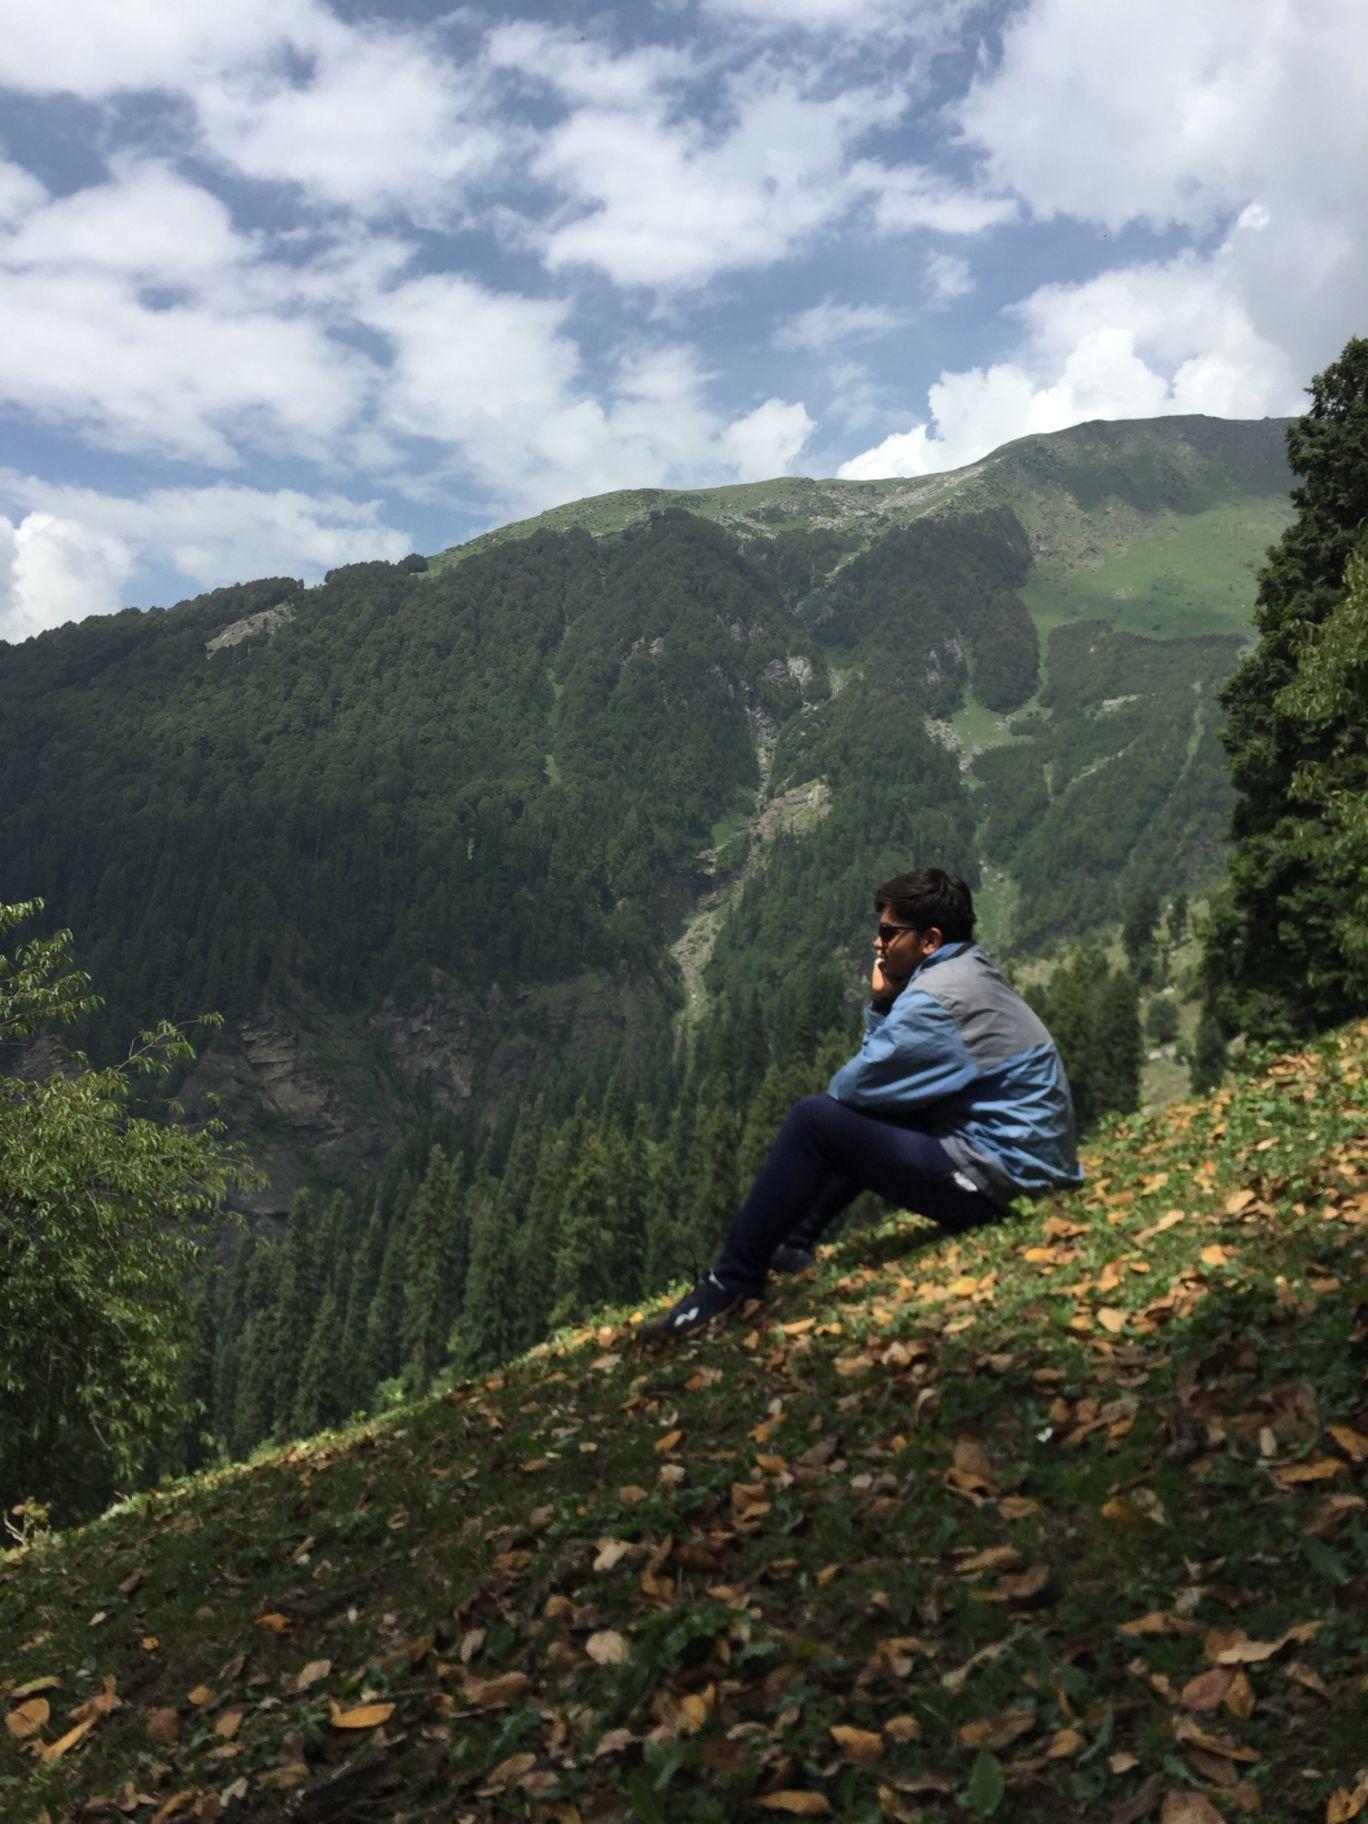 Photo of Himalayas By Kush Patel